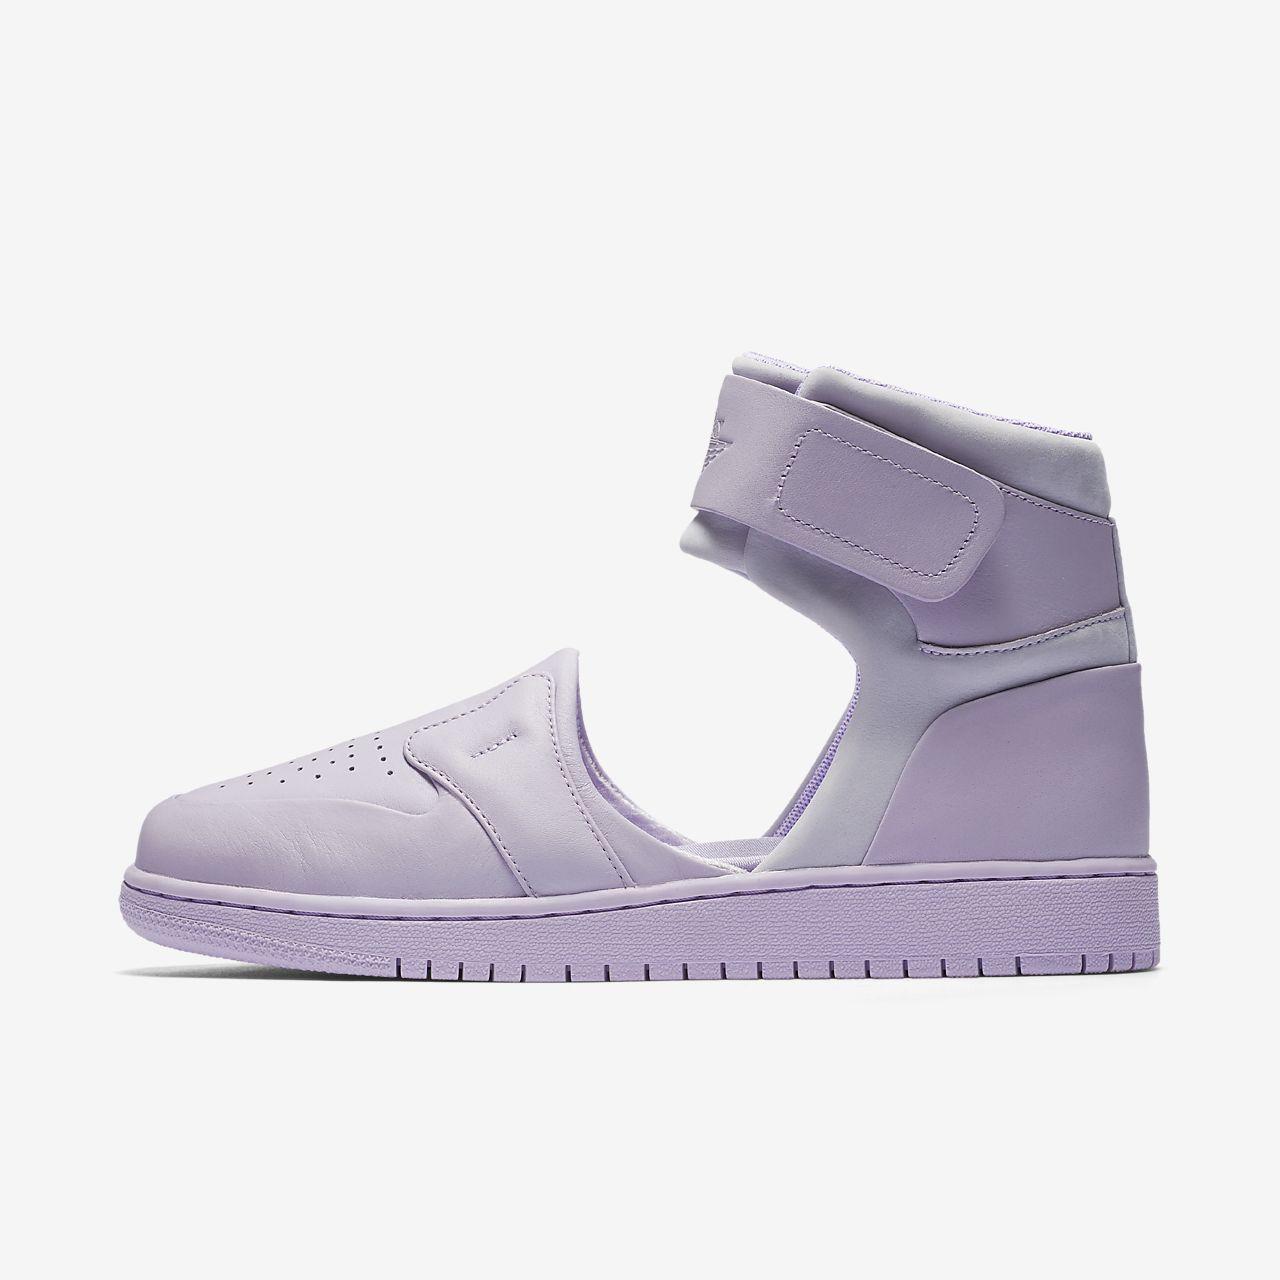 Chaussure Jordan AJ1 Lover XX pour Femme